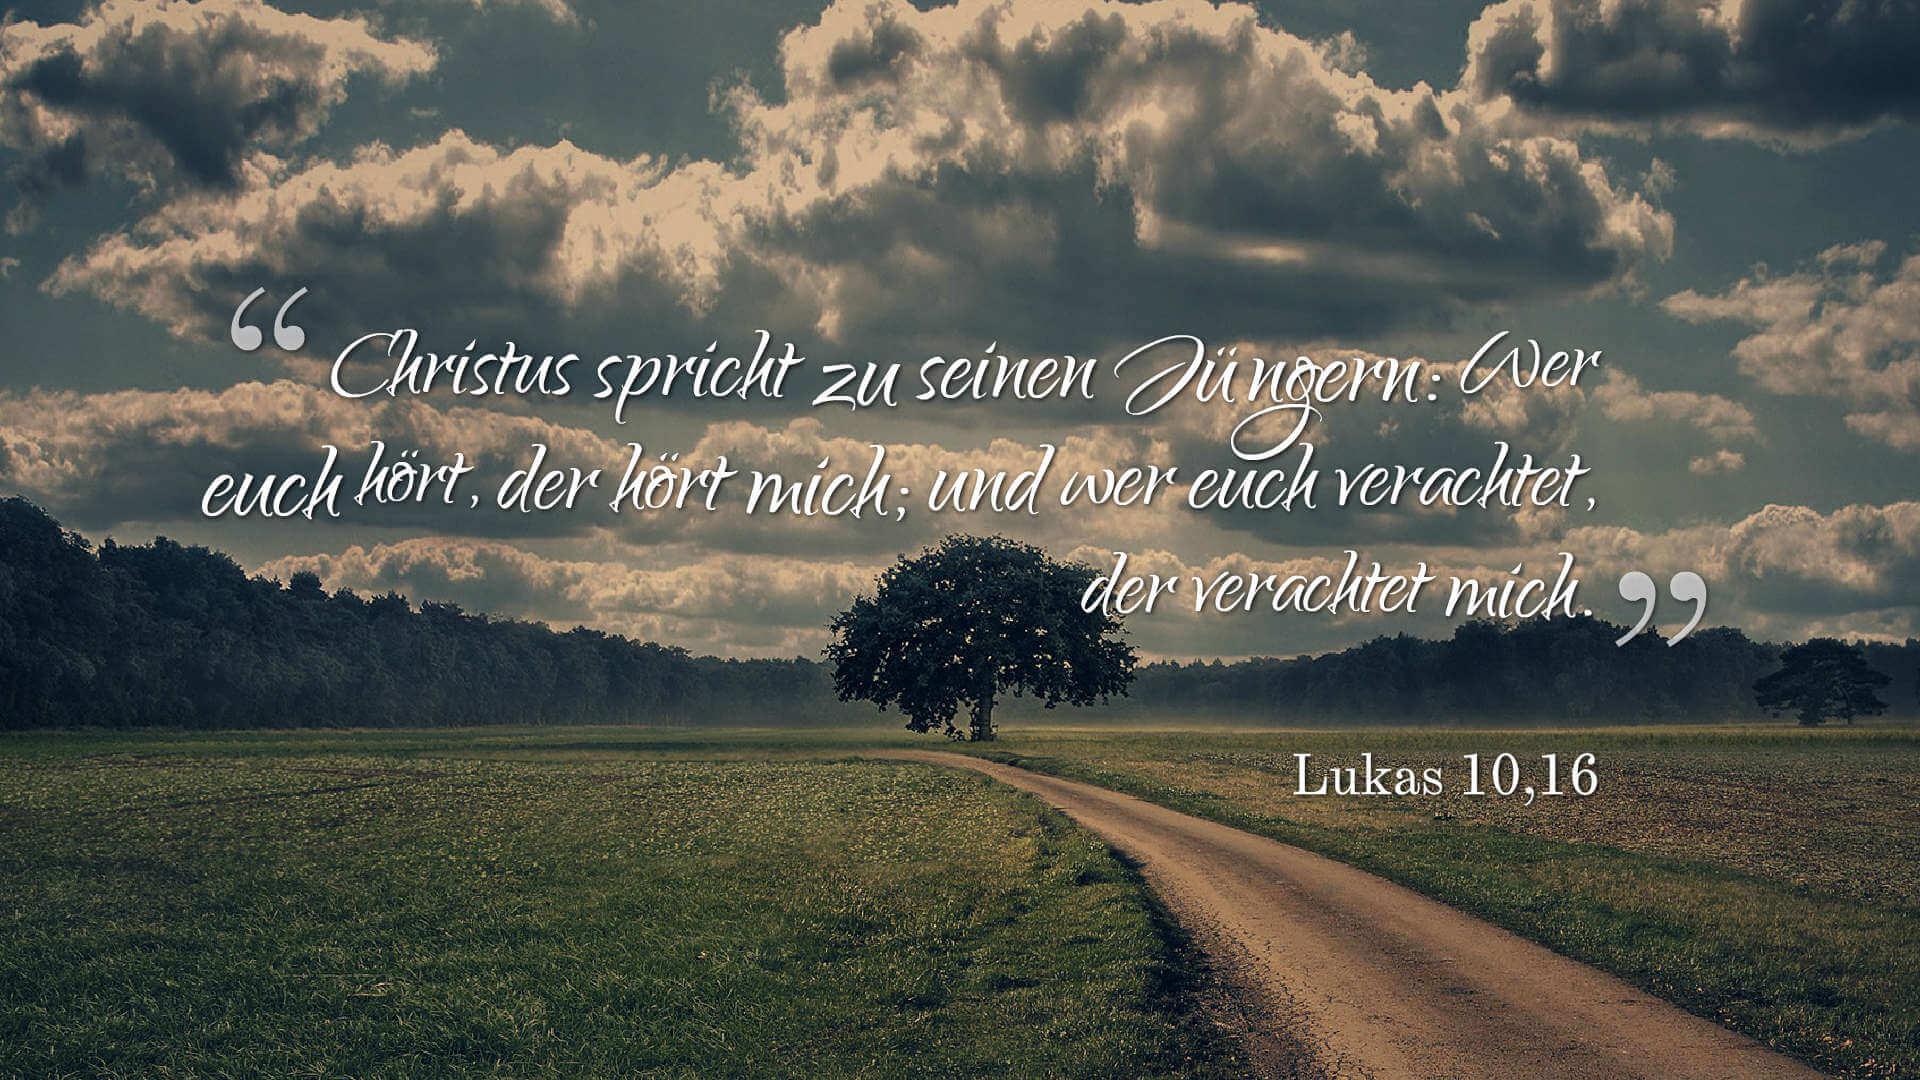 Christus spricht zu seinen Jüngern: Wer euch hört, der hört mich; und wer euch verachtet, der verachtet mich. - Lukas 10,16